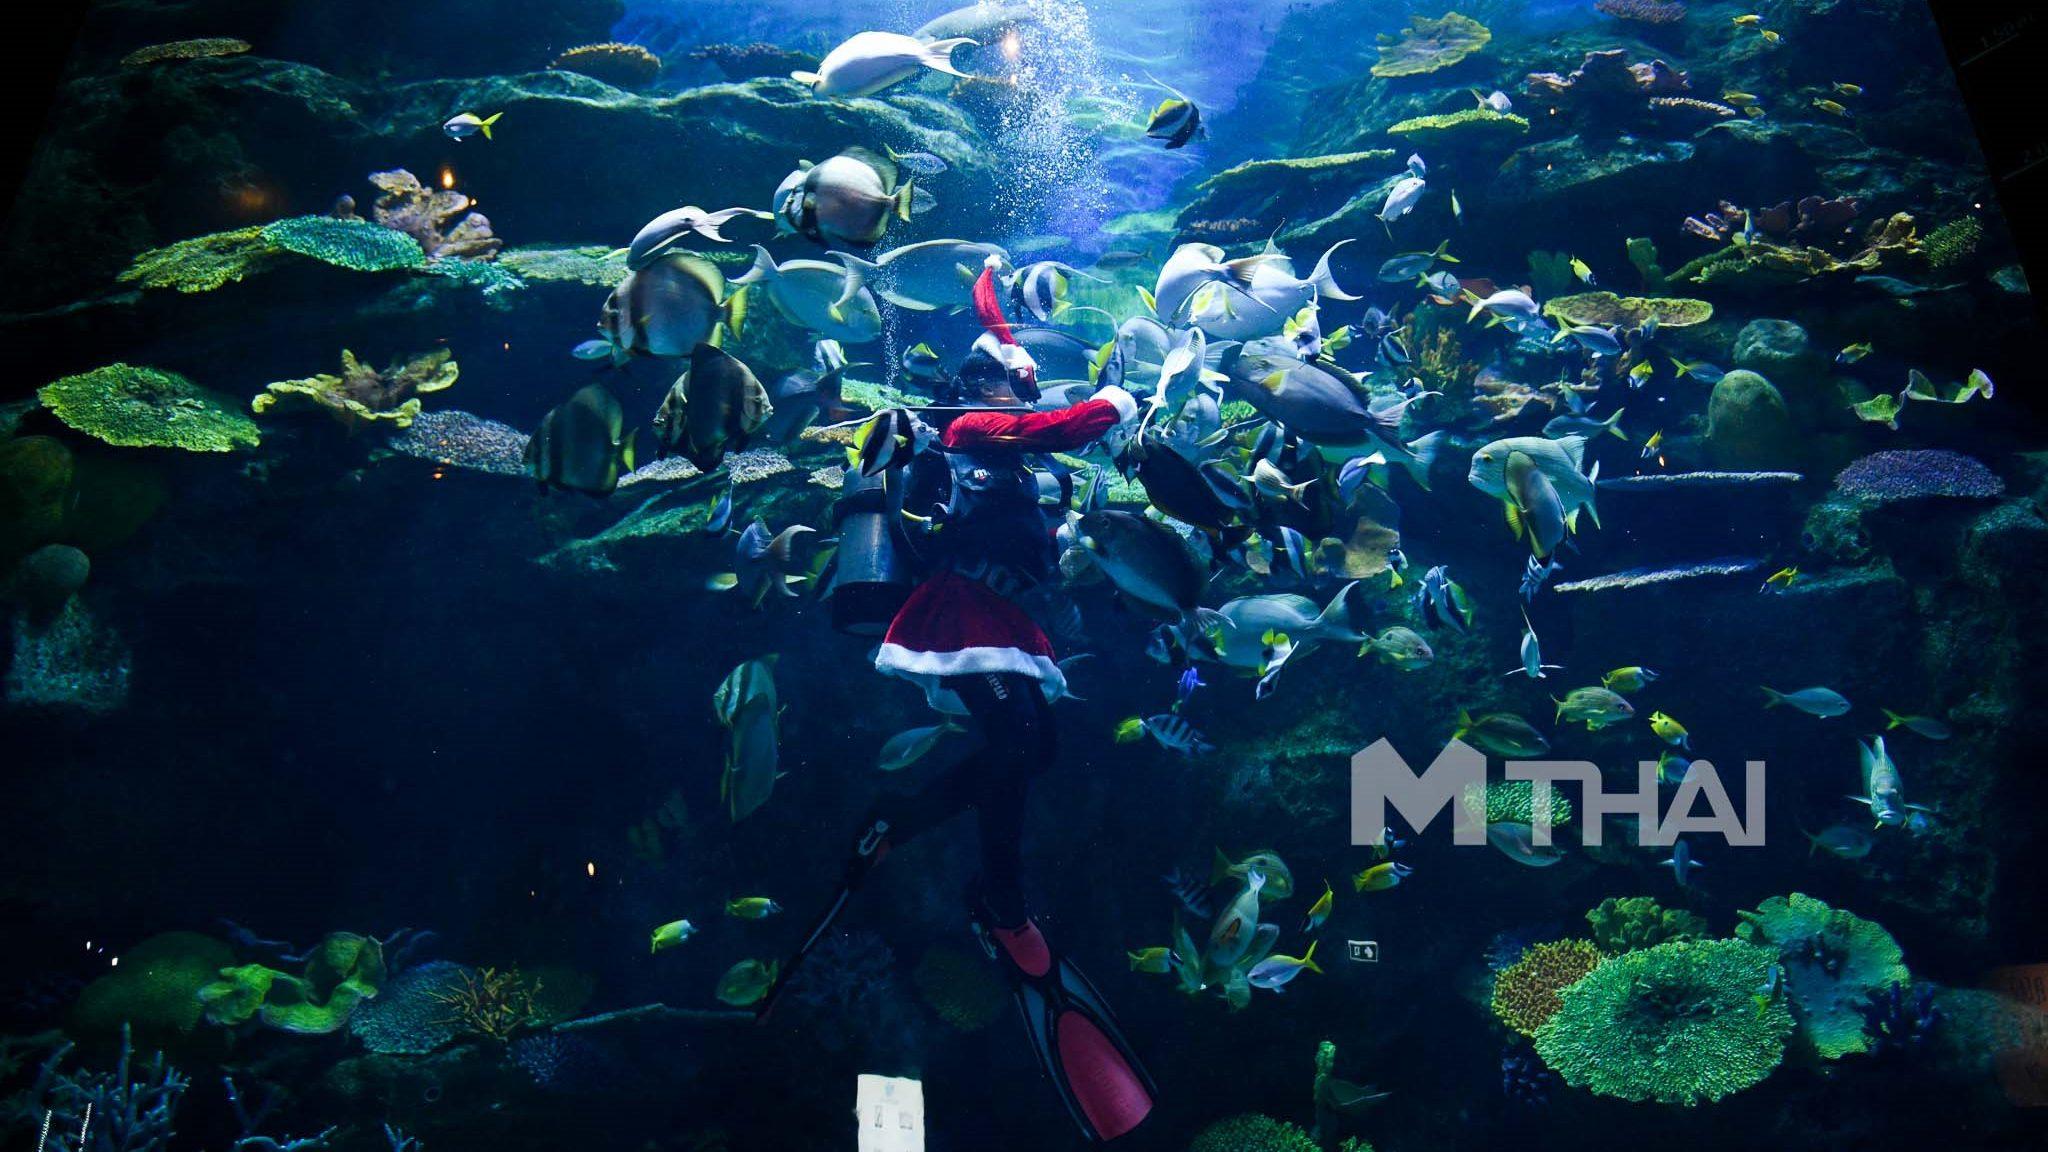 ซานตาคลอสแจกอาหารใต้น้ำ สีสันต้อนรับเทศกาลคริสต์มาส